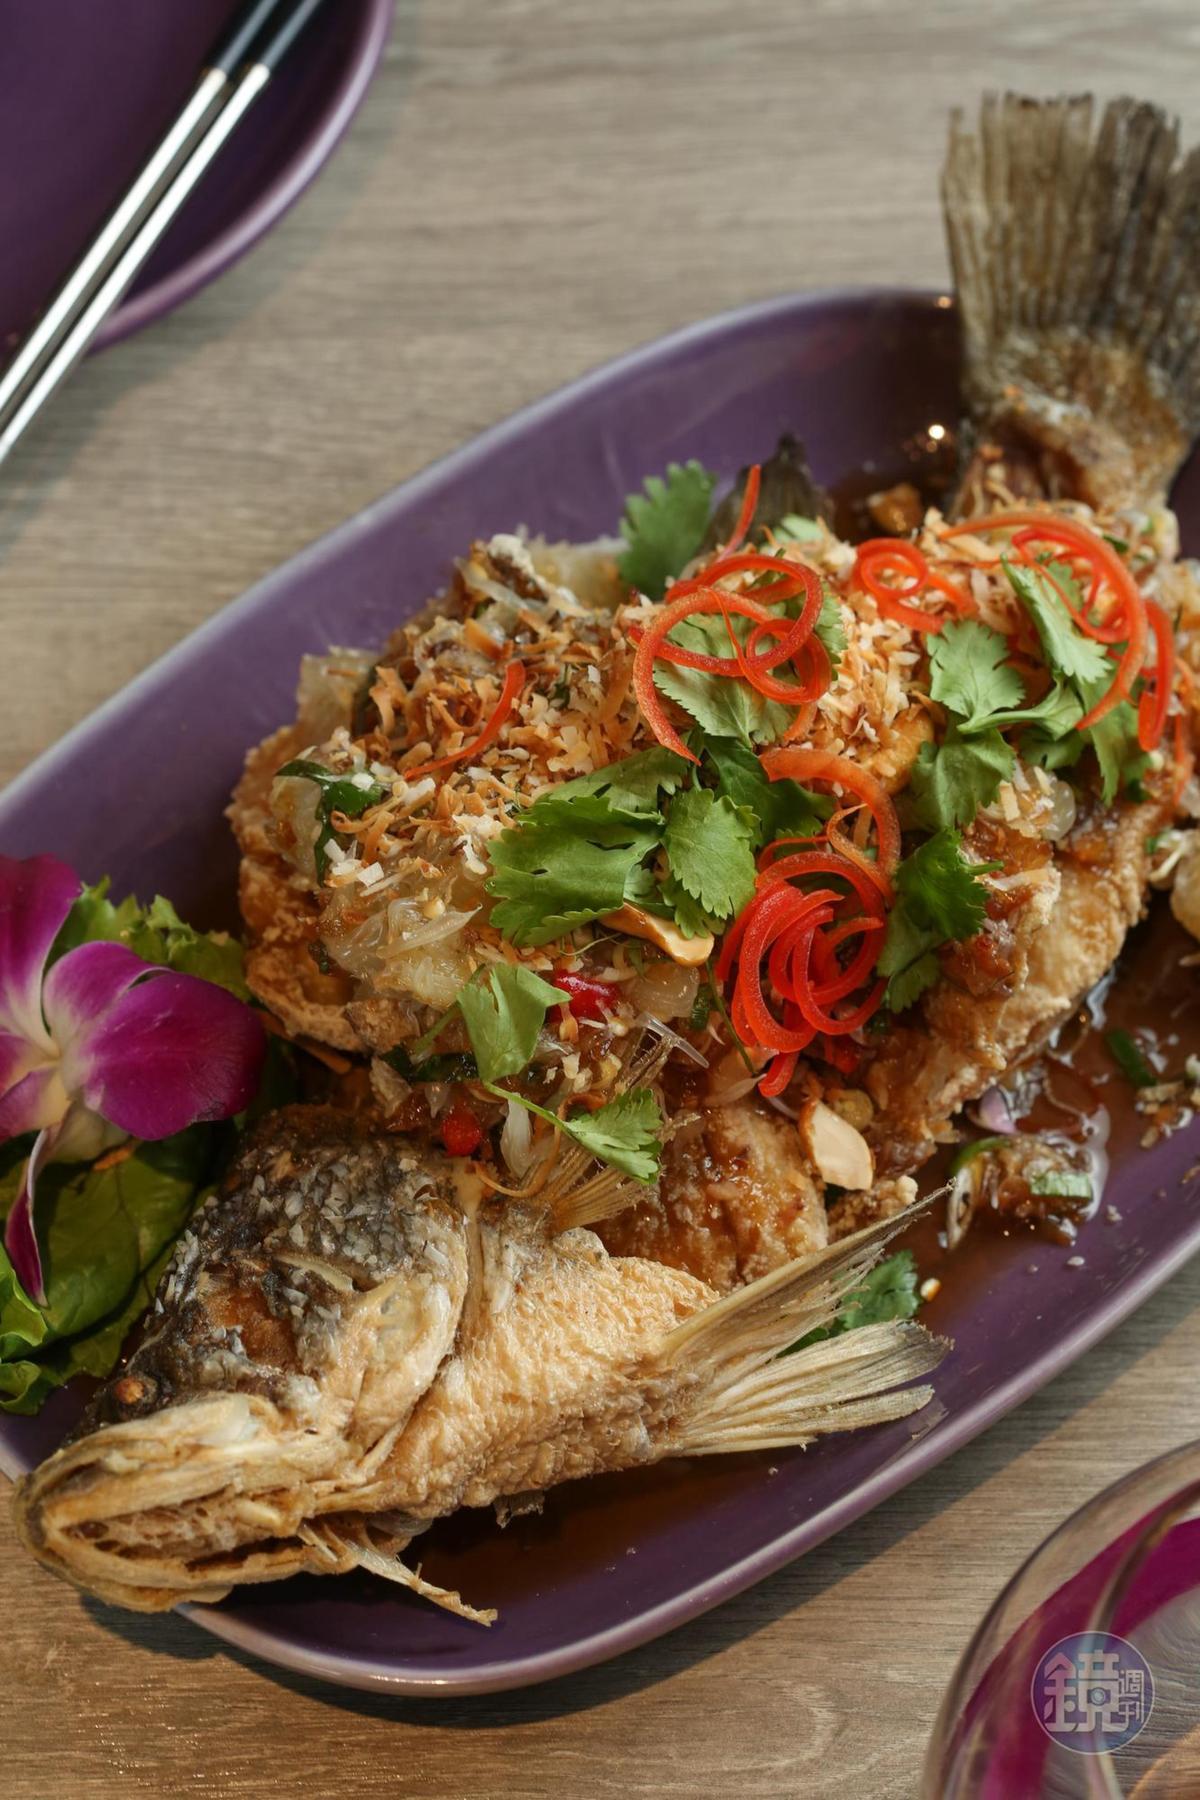 台灣限定的「椰絲香柚魚」,由「NARA Thai Cuisine」創辦人特別研發,鱸魚搭配柚肉,清爽鮮美。(480元/份,季節限定)